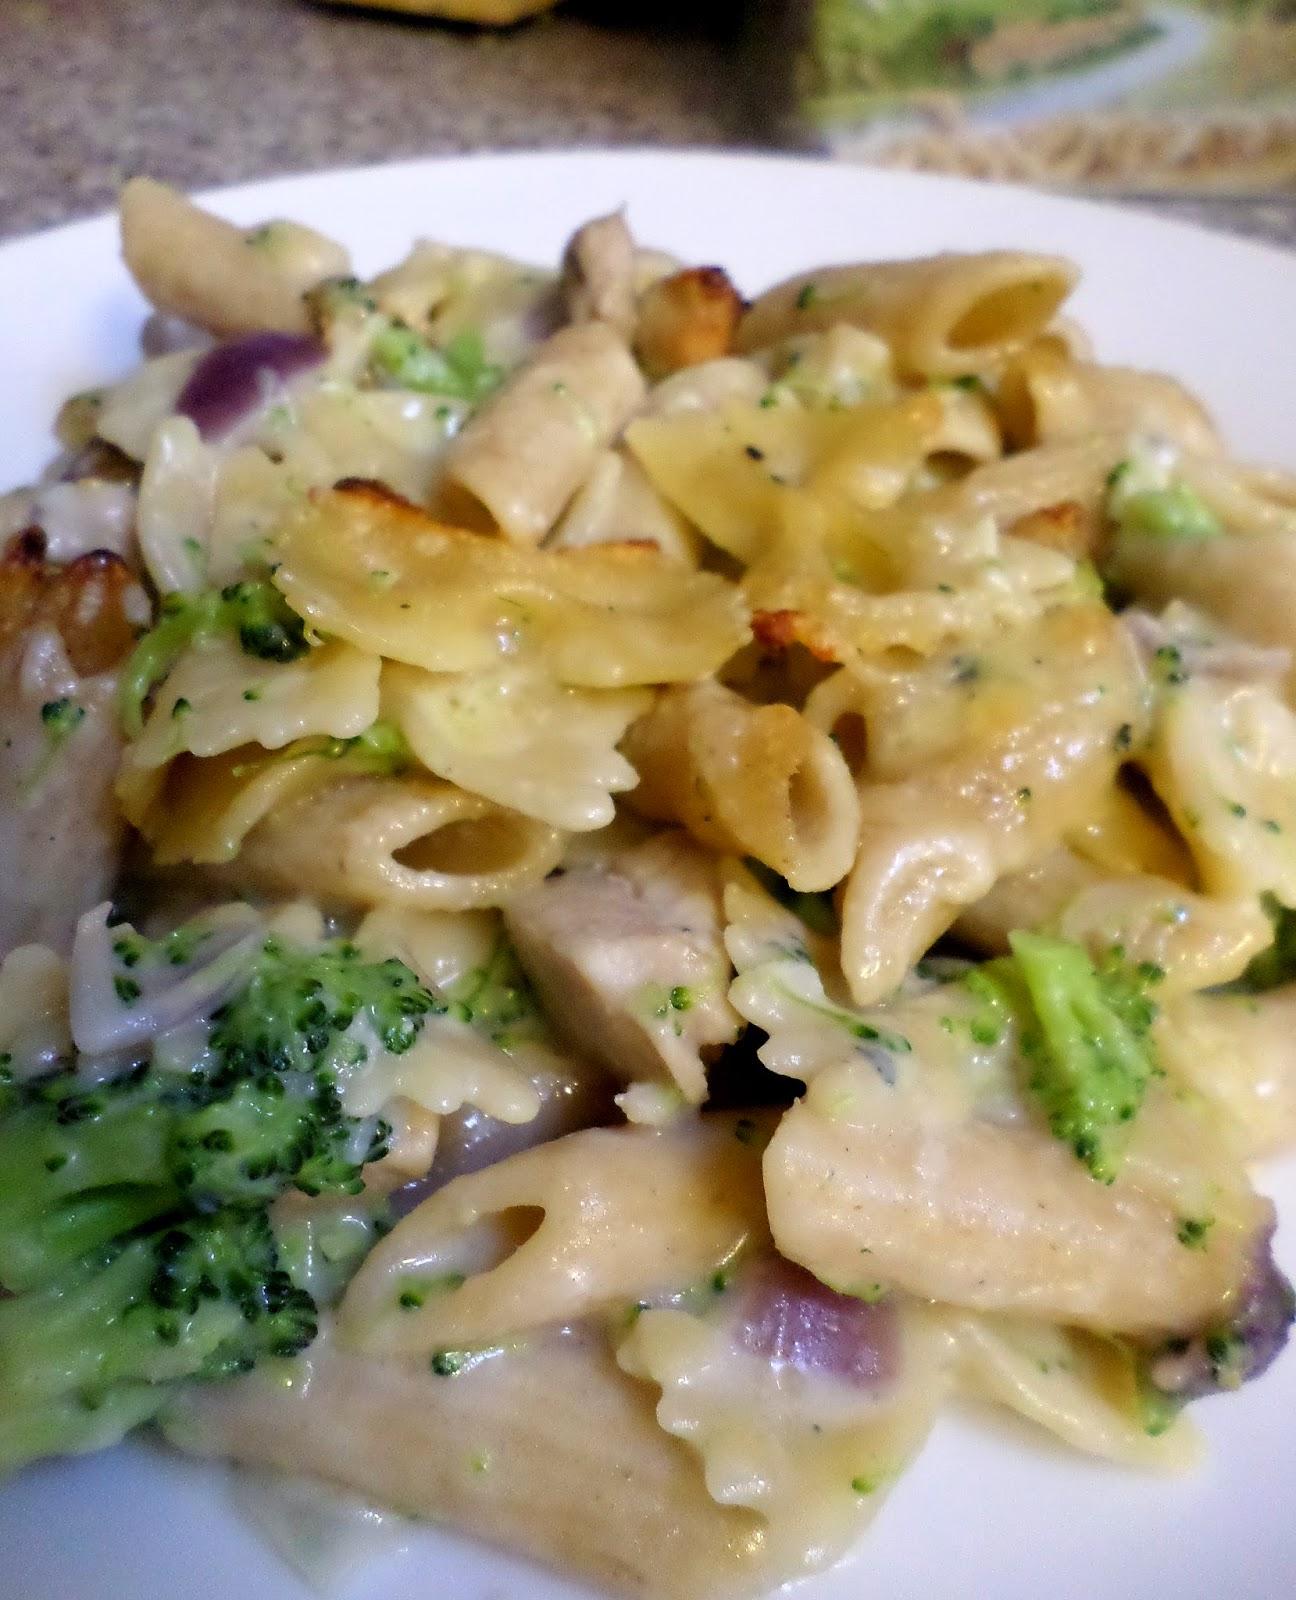 Healthy Chicken Broccoli Pasta Bake